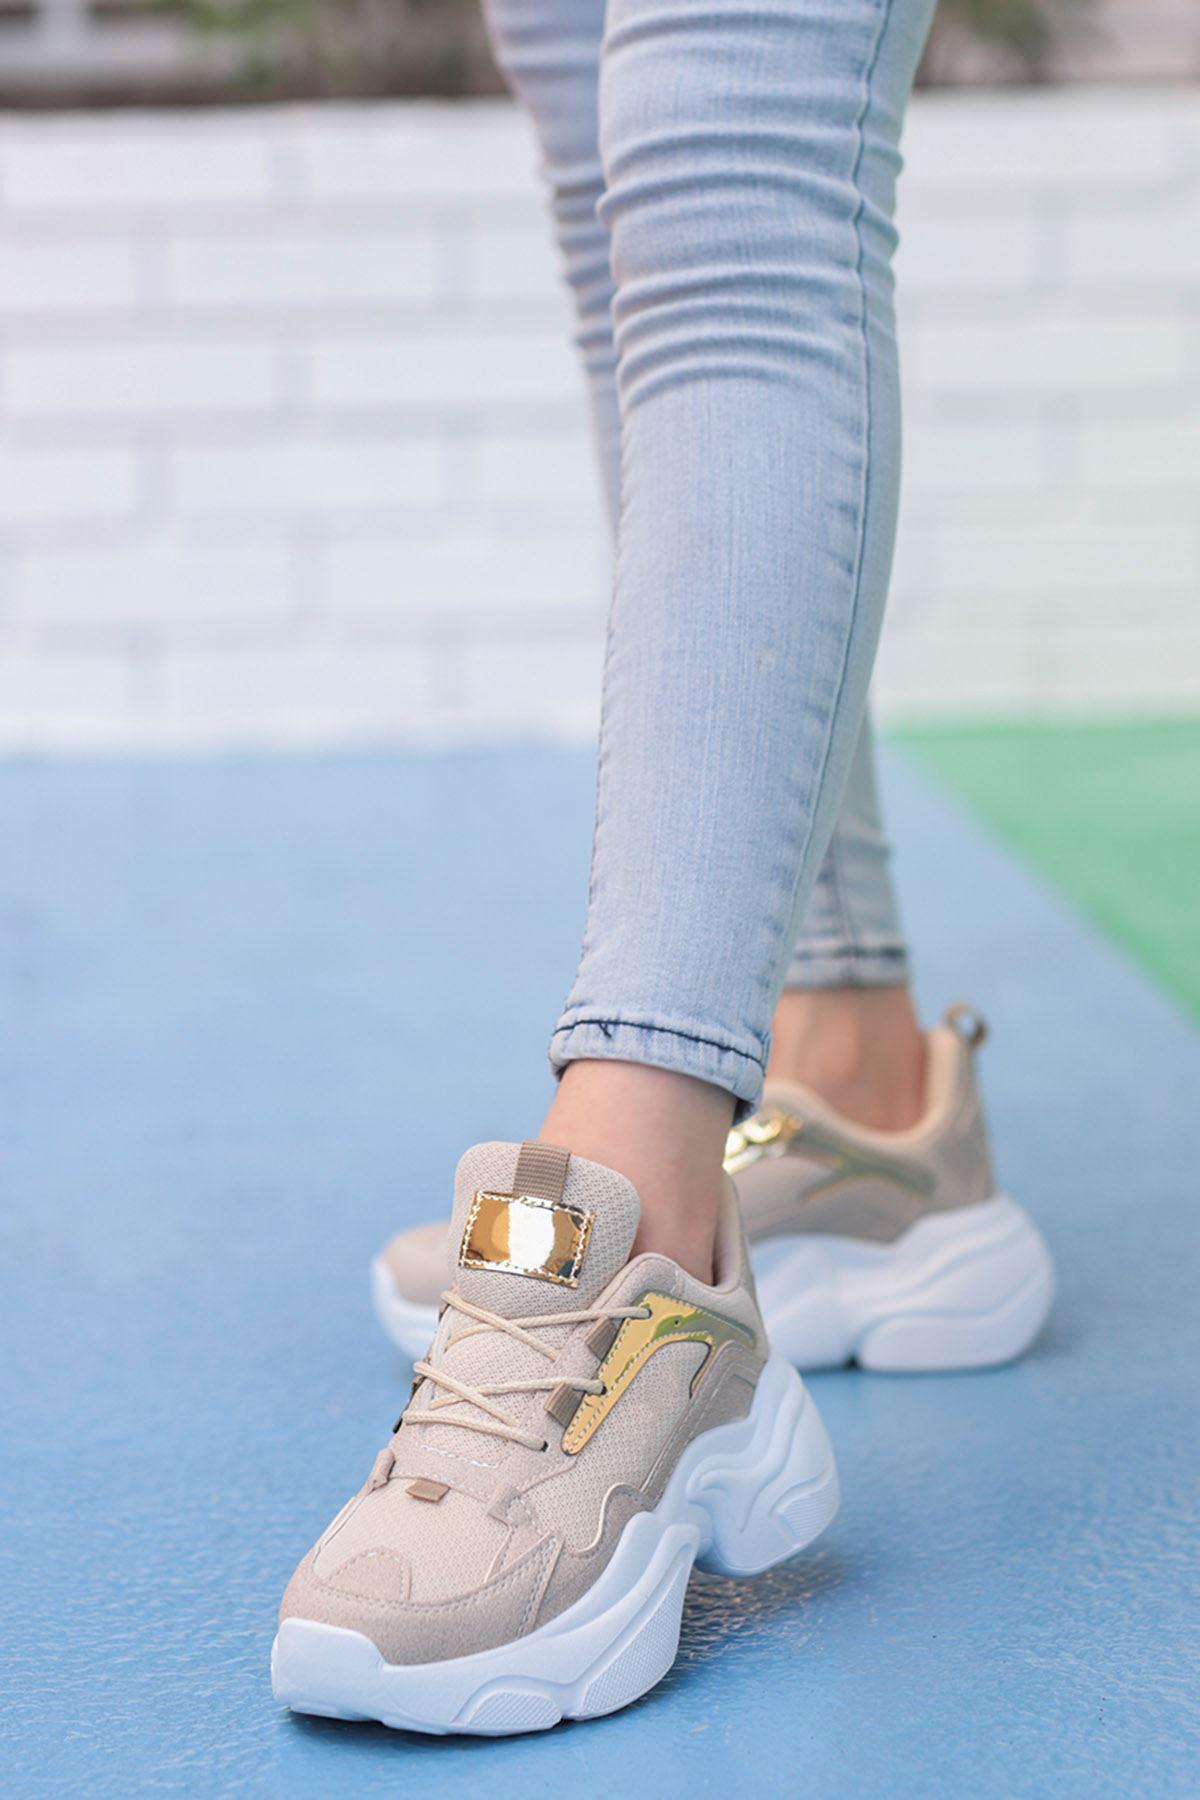 Sidney Tabanlı Spor Ayakkabı Vizyon/Beyaz Taban